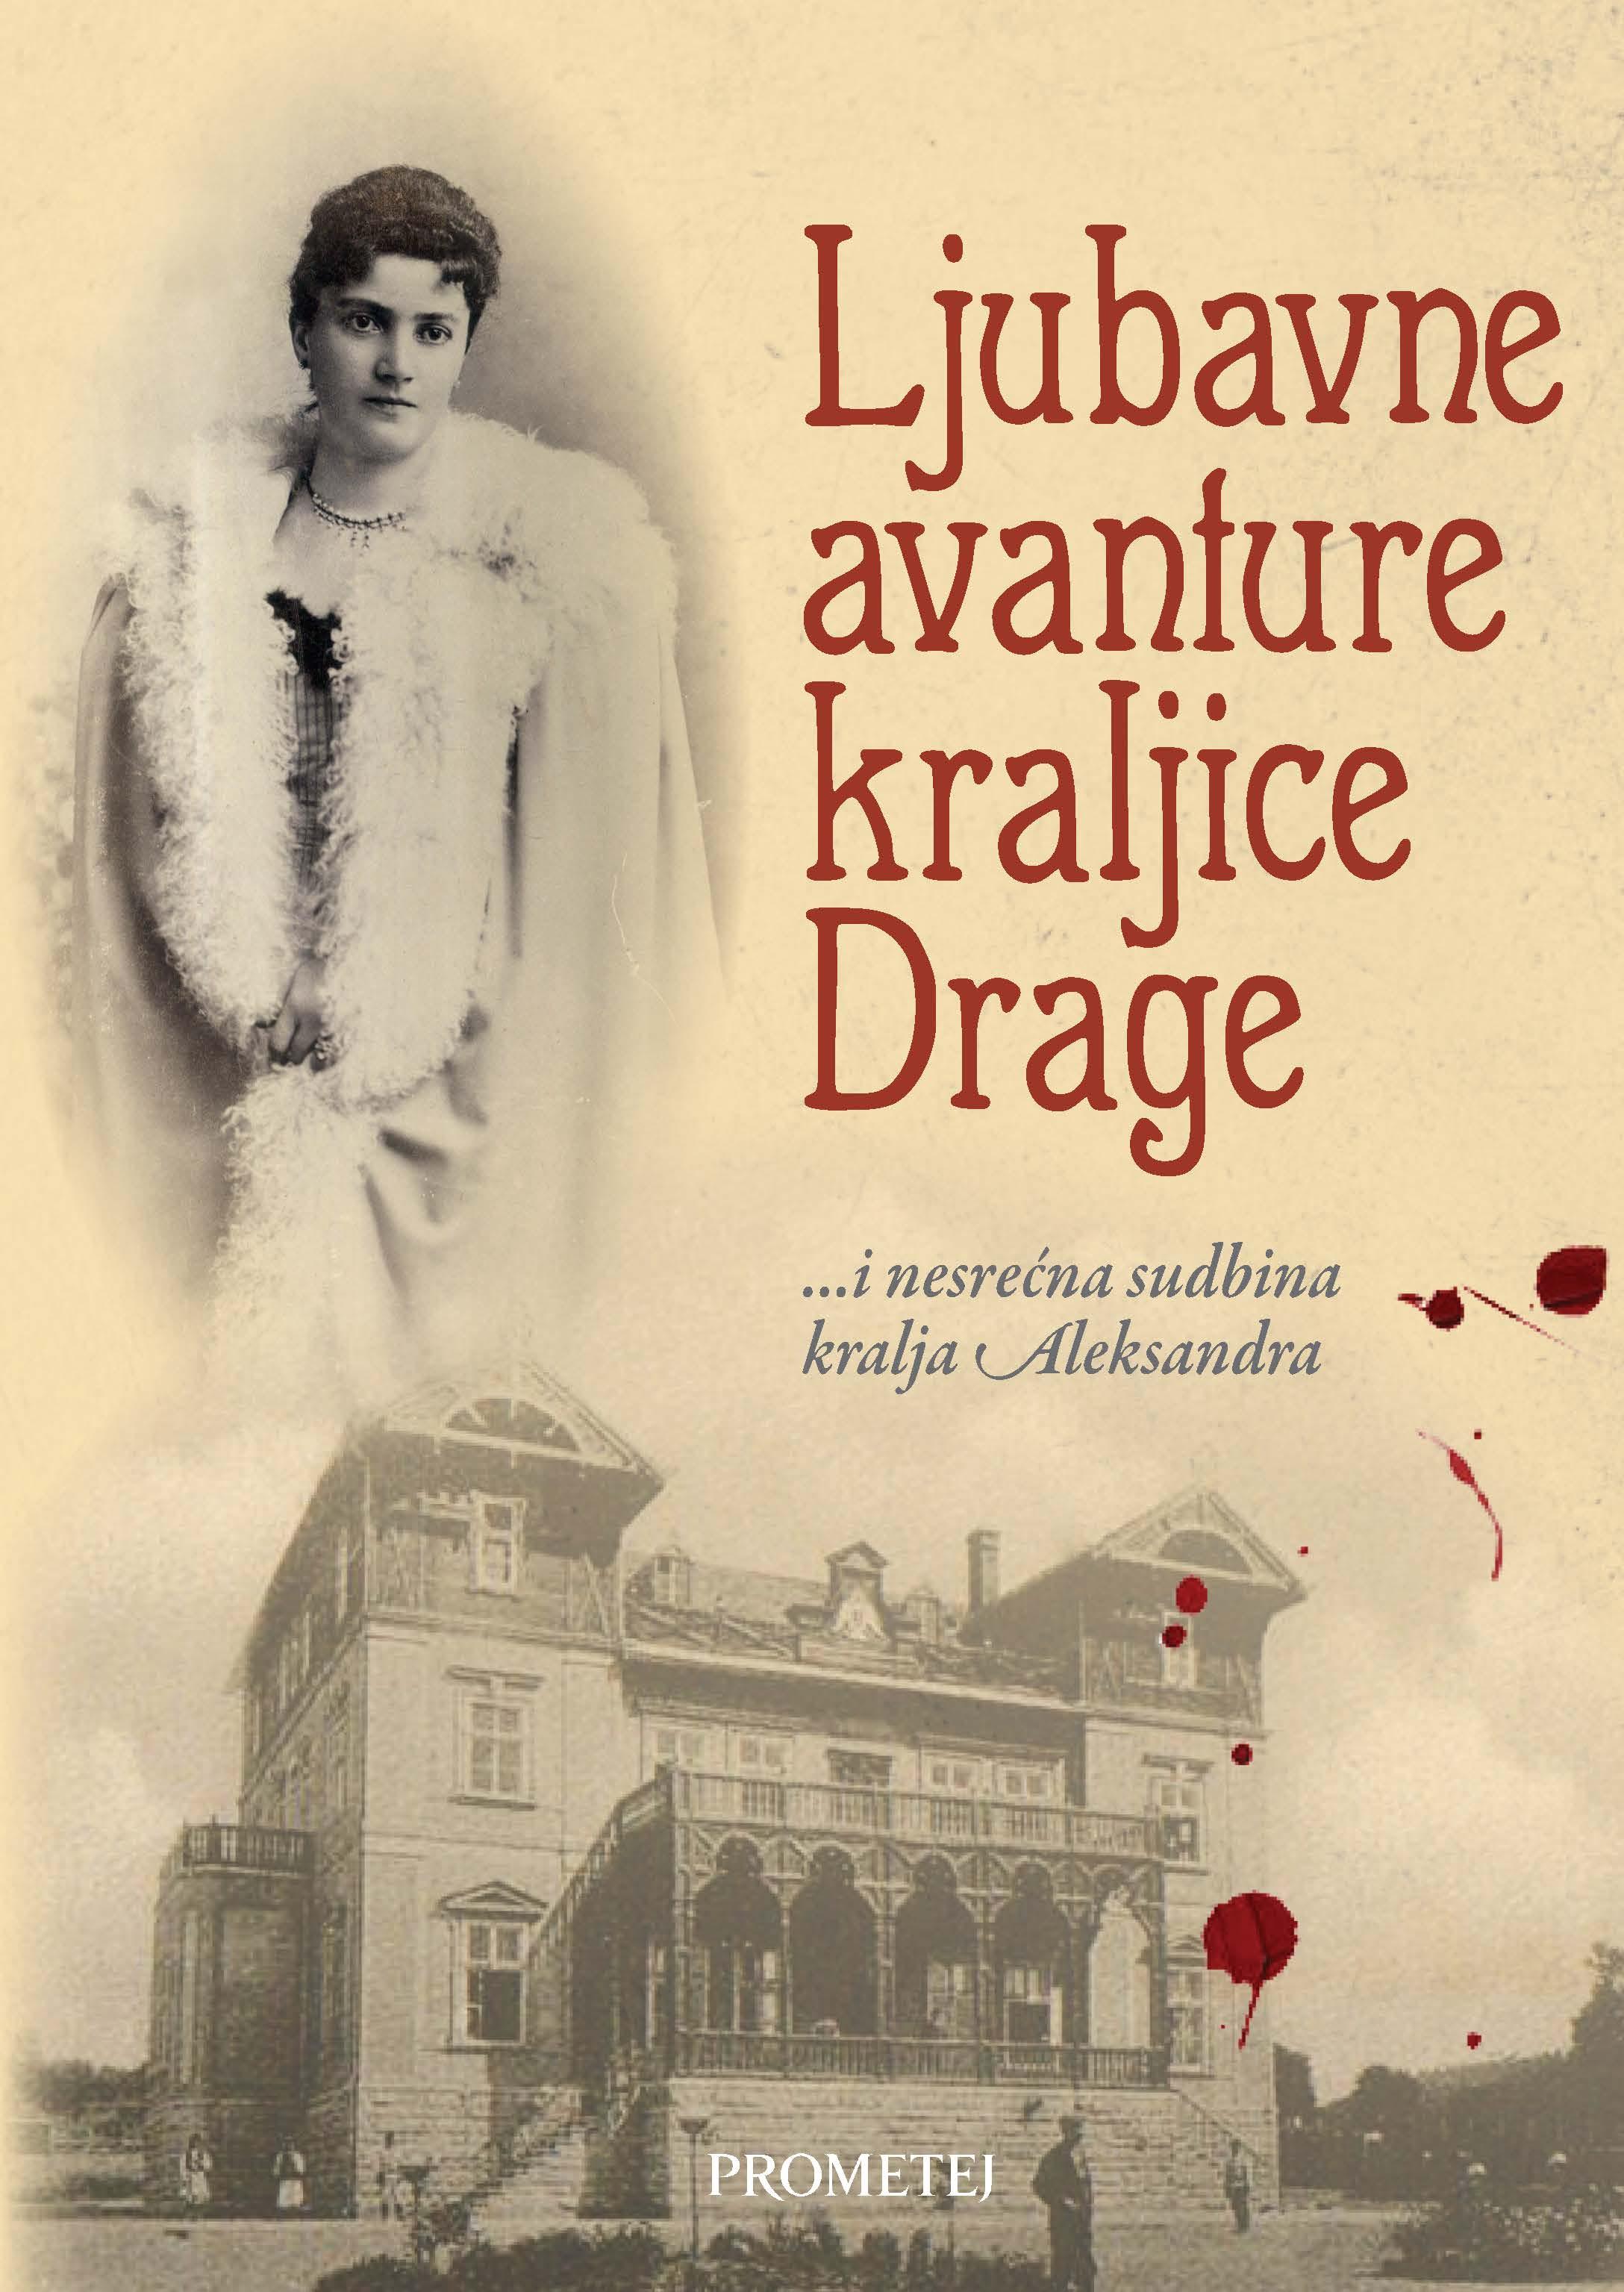 Љубавне авантуре краљице Драге